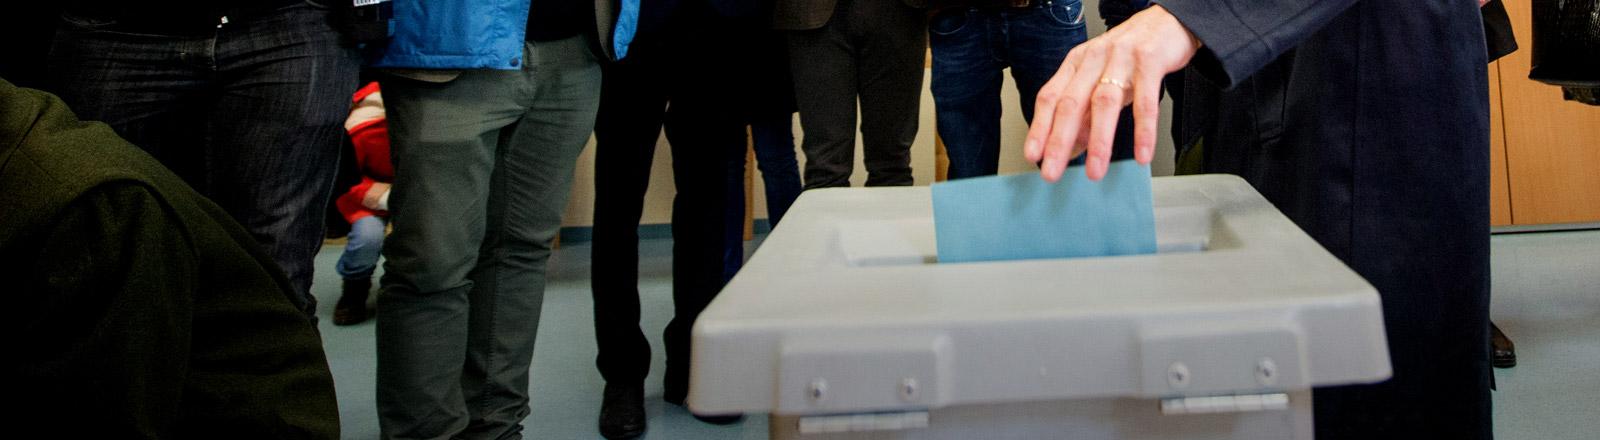 Eine Frau wirft einen Wahlzettel in eine Wahlurne